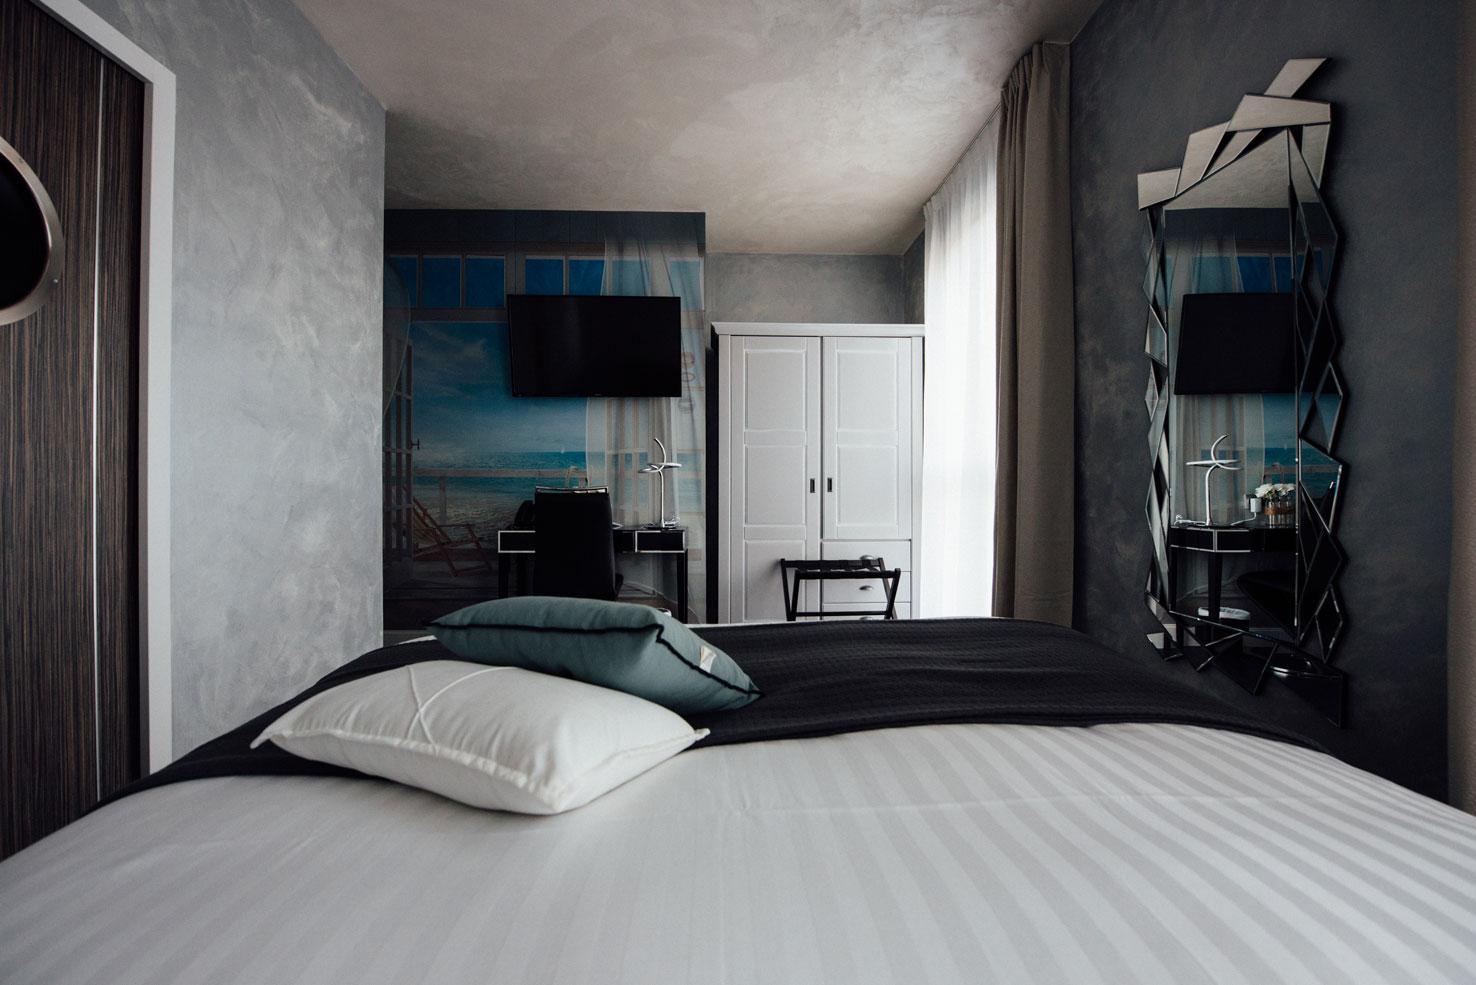 Chambre standard lit éléctrique | Amirauté Hôtel La Baule